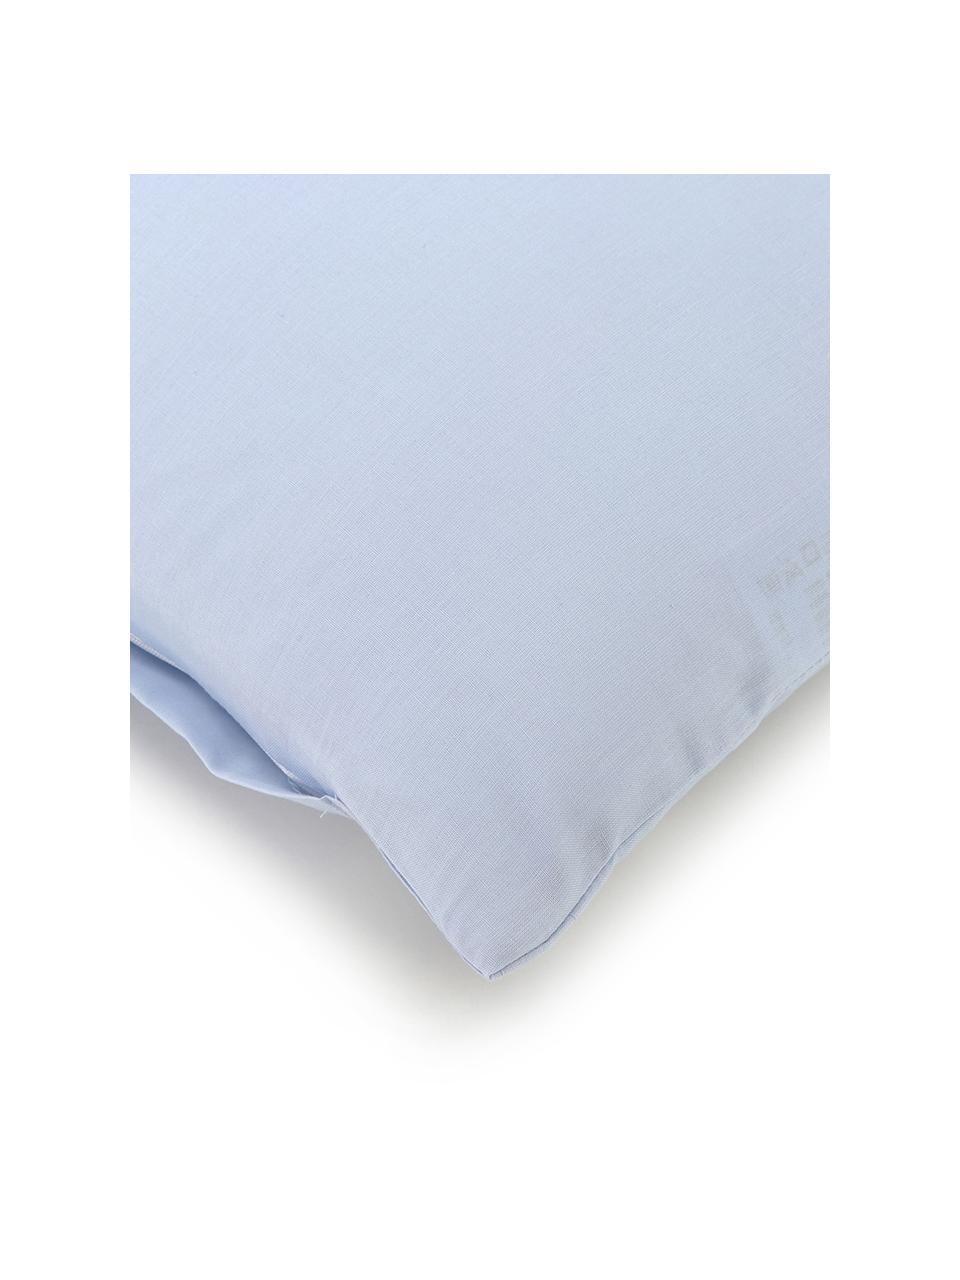 Pościel z bawełny Weekend, Jasny niebieski, 200 x 200 cm + 2 poduszki 80 x 80 cm